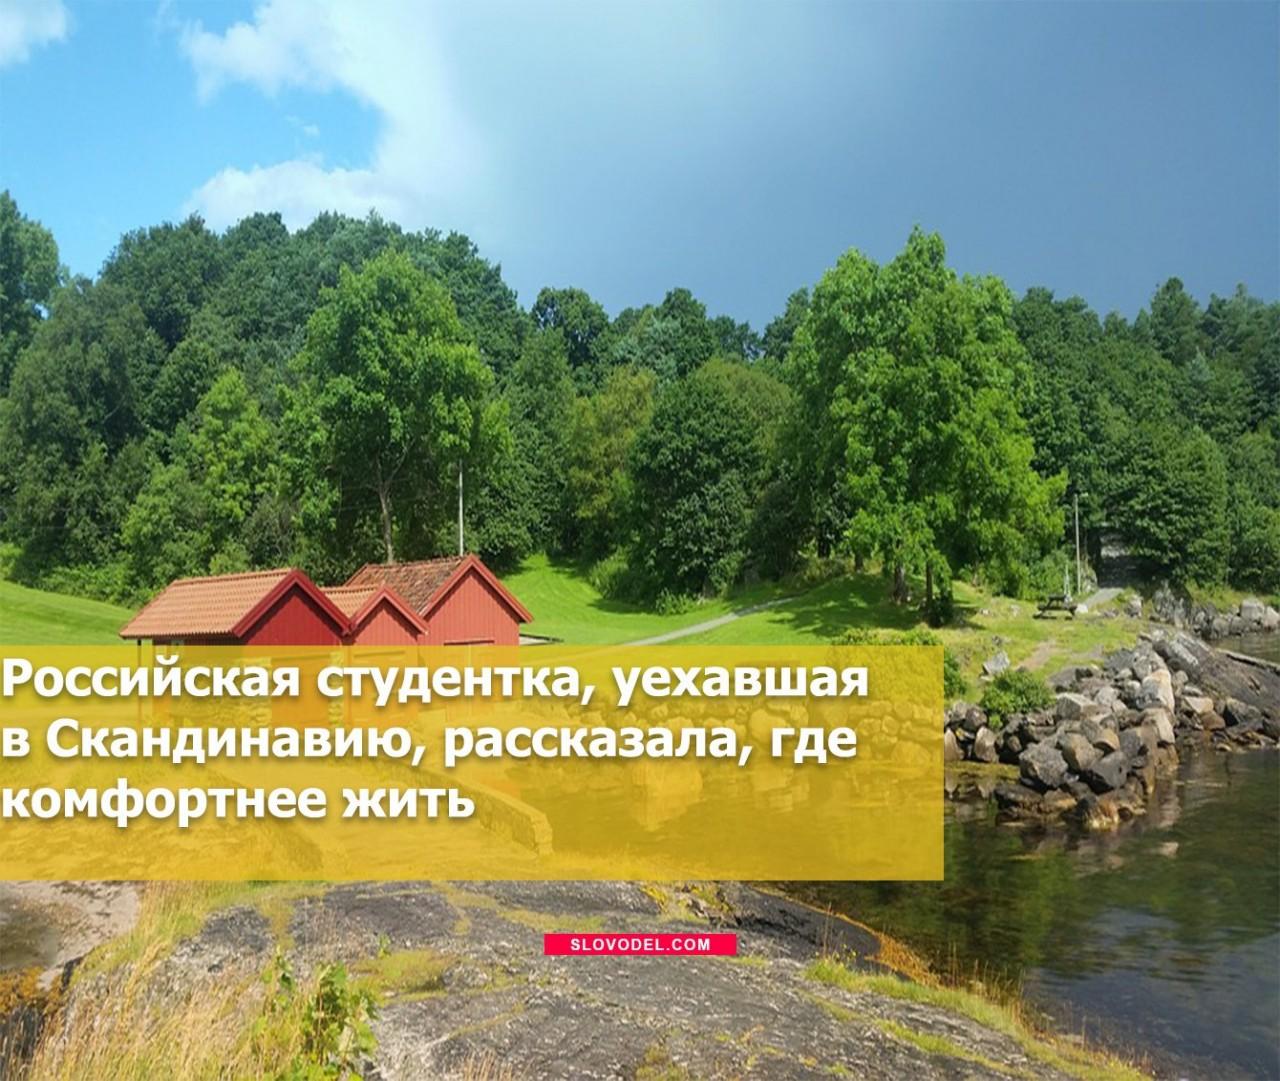 Российская студентка, уехавшая в Скандинавию, рассказала, где комфортнее жить